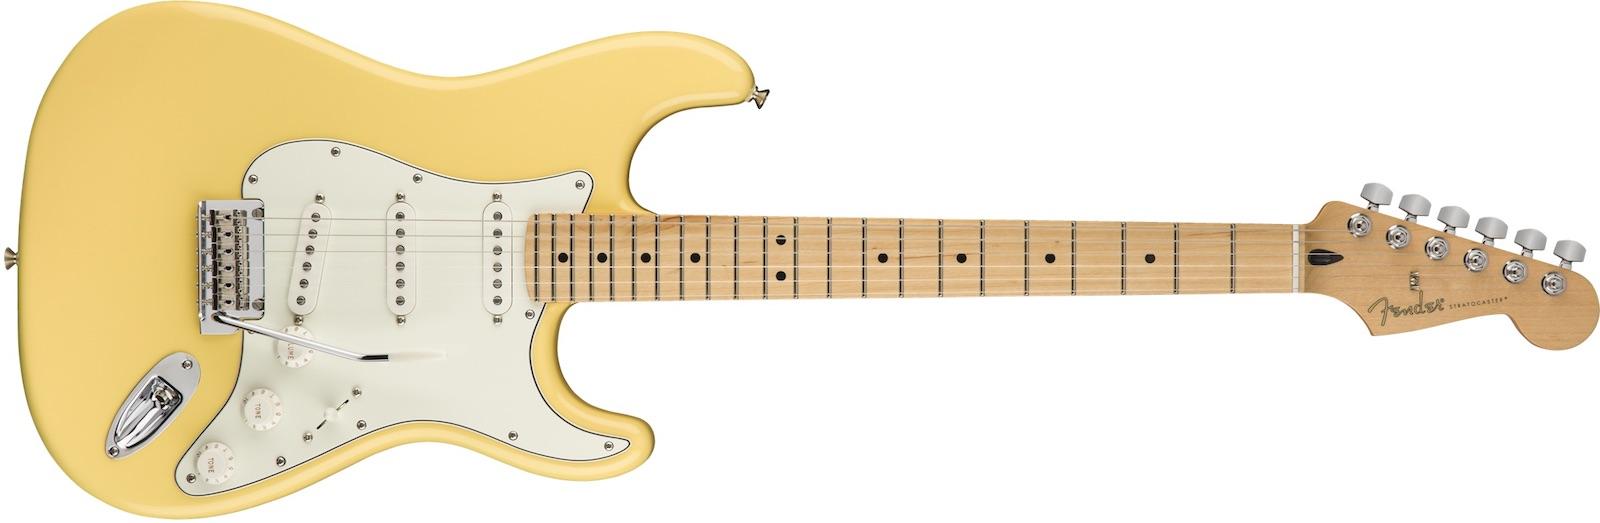 【新品】Fender Player Stratocaster Maple Fingerboard ~Buttercream~【お取り寄せ】【送料無料】【池袋店】